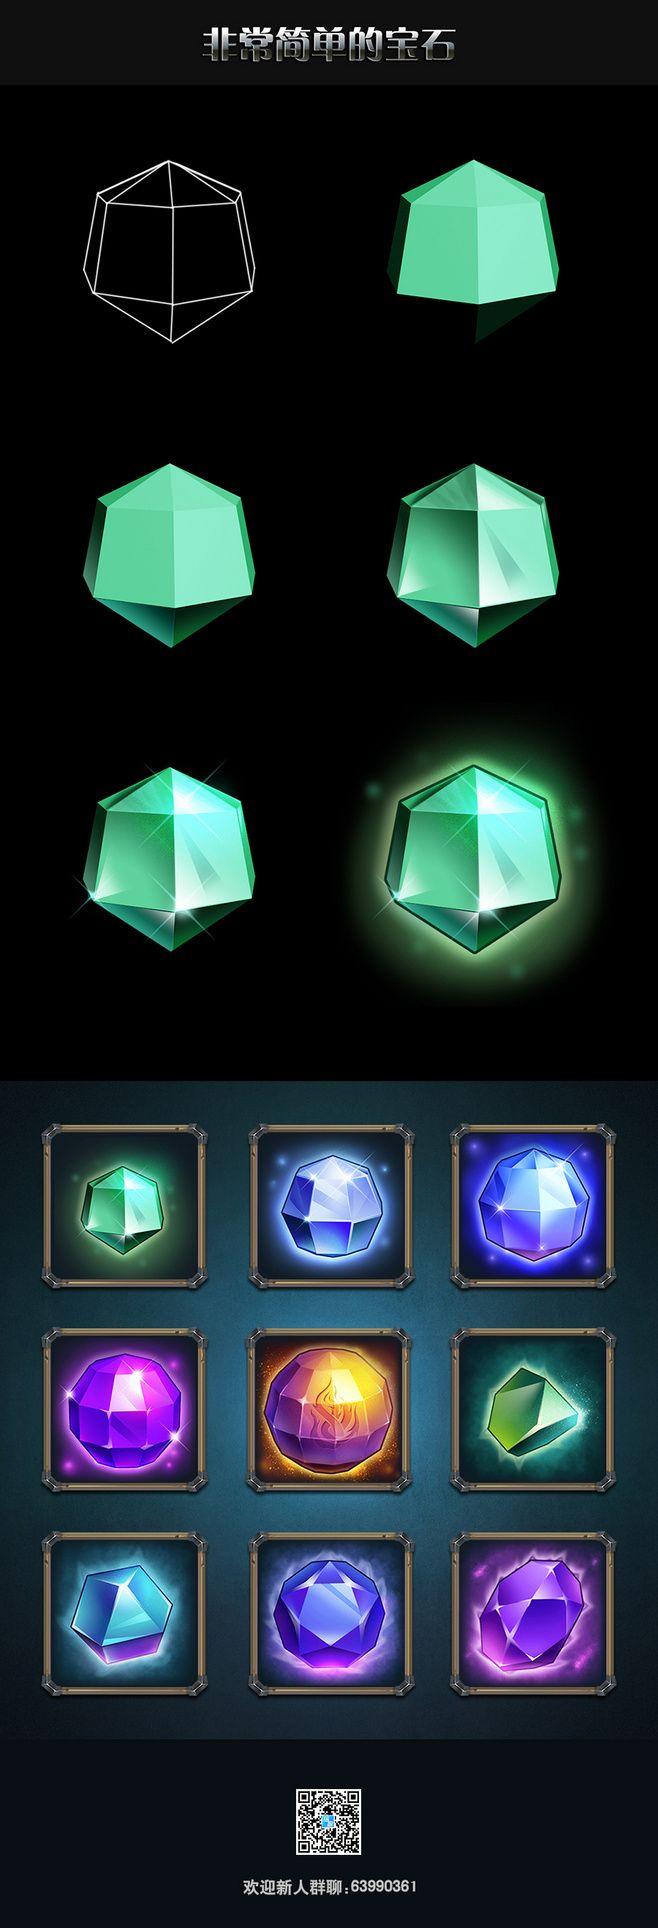 非常简单的超清宝石教程